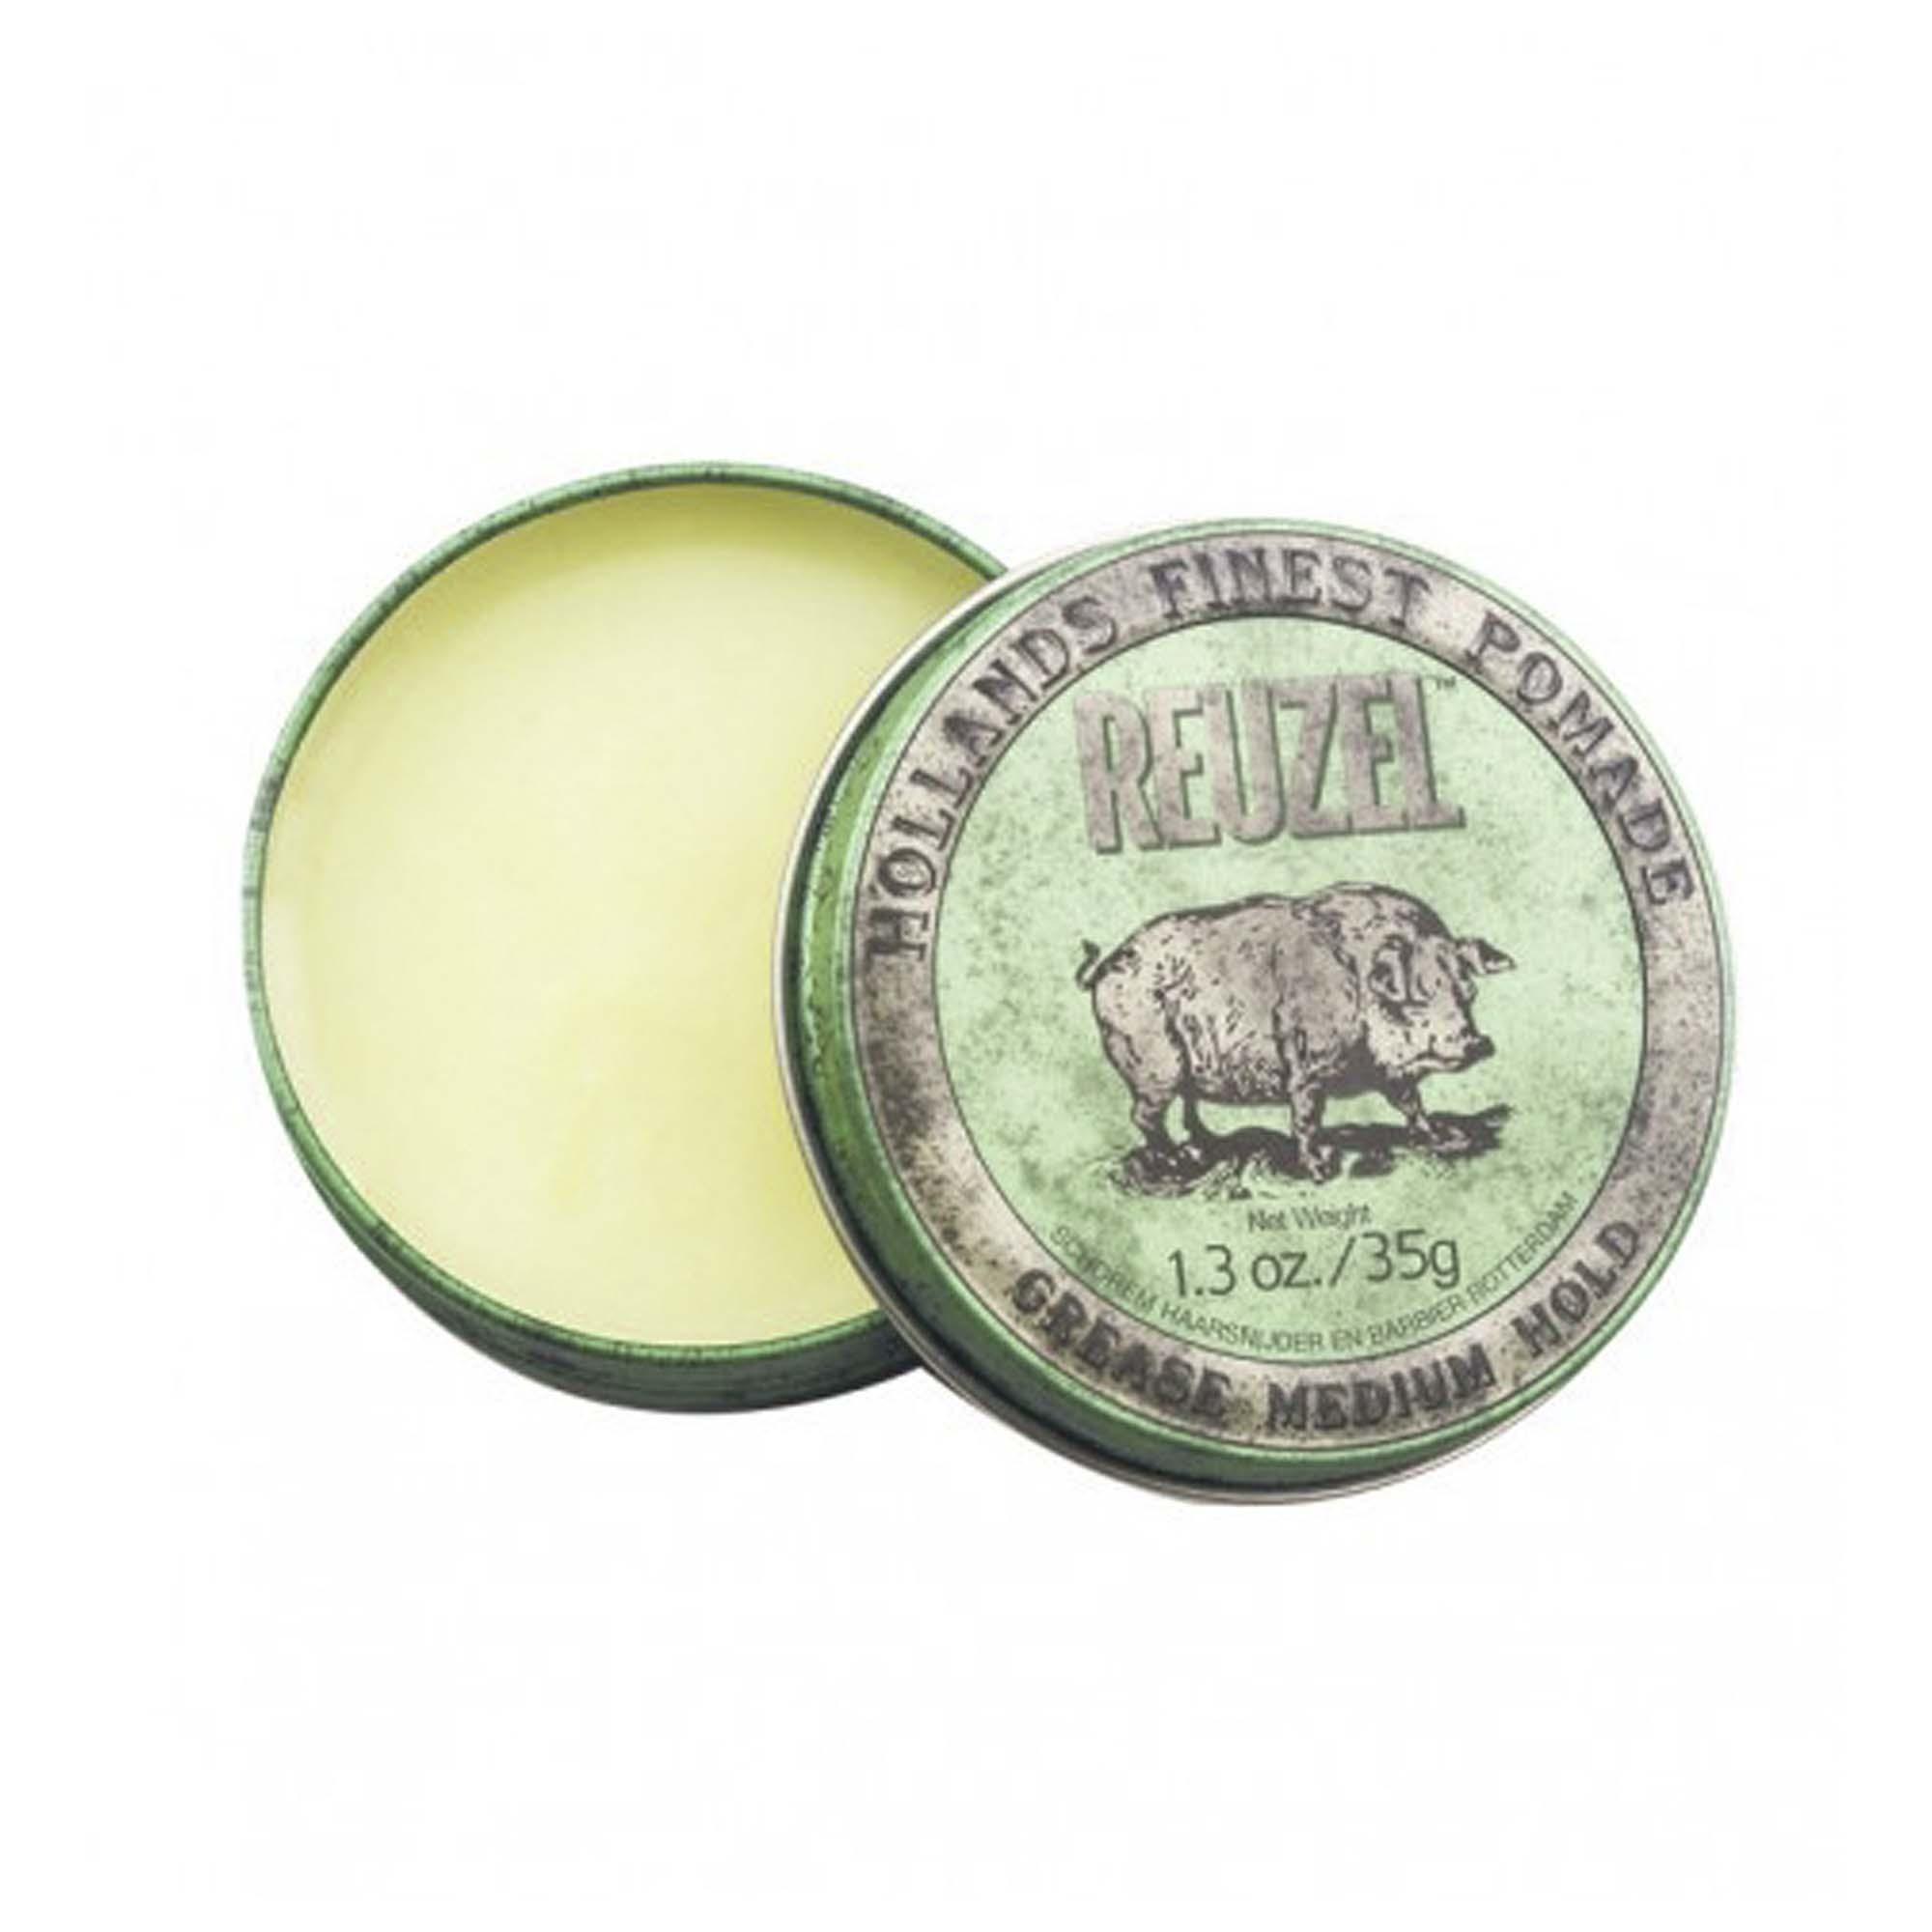 reuzel-pomade/reuzel-green-pomade-35-gram-02